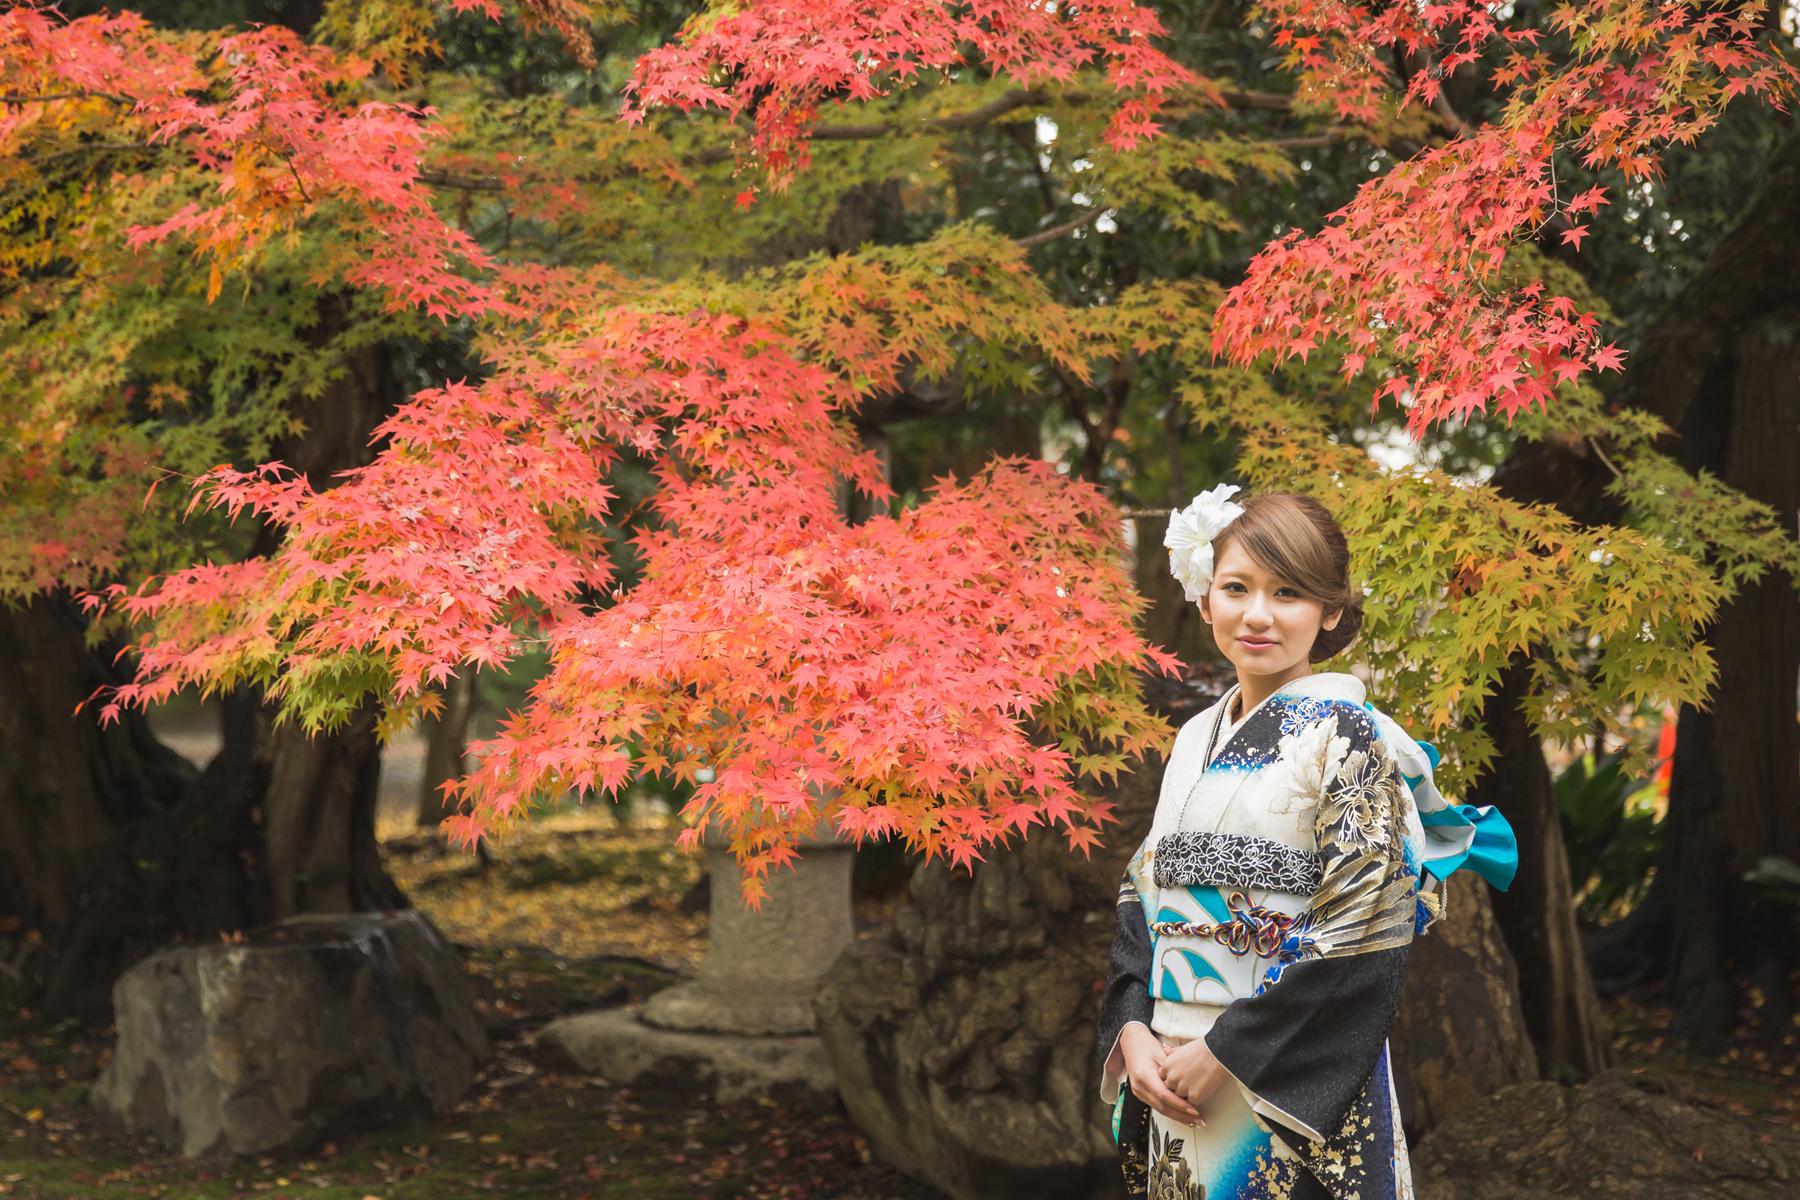 滋賀県長浜市の慶雲館で成人前撮り撮影